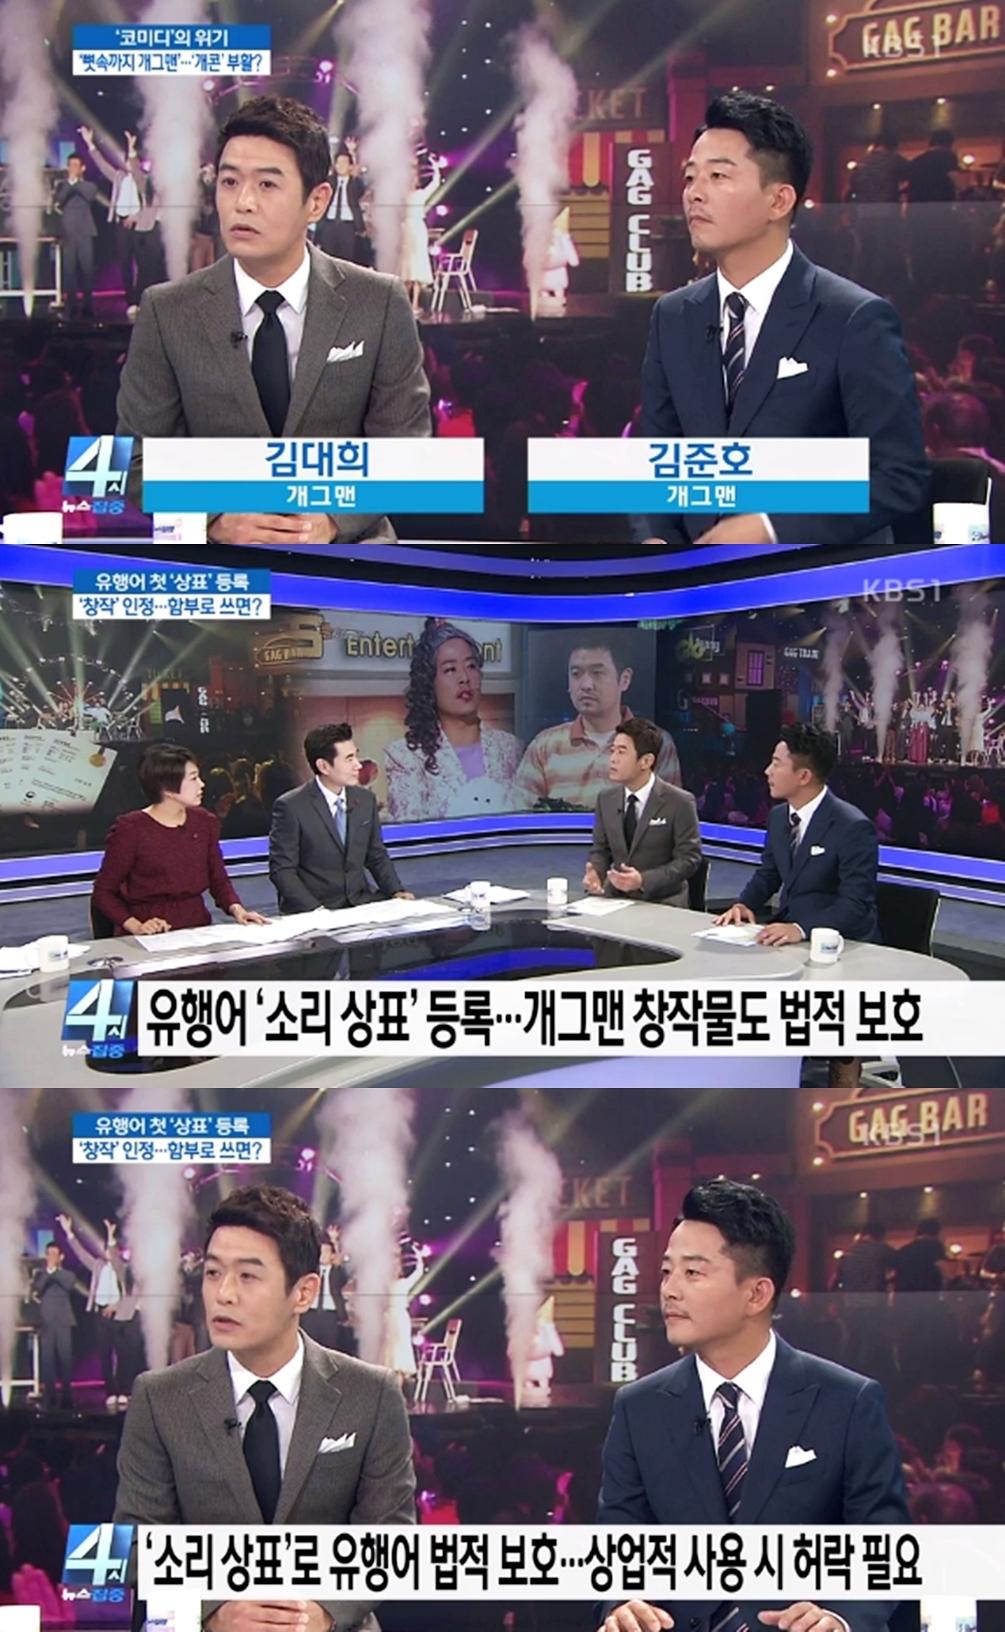 개그맨 김대희, 김준호 뉴스에 출연, 개그맨들의 권리 보호에 대한 의미 있는 이야기 나눴다!